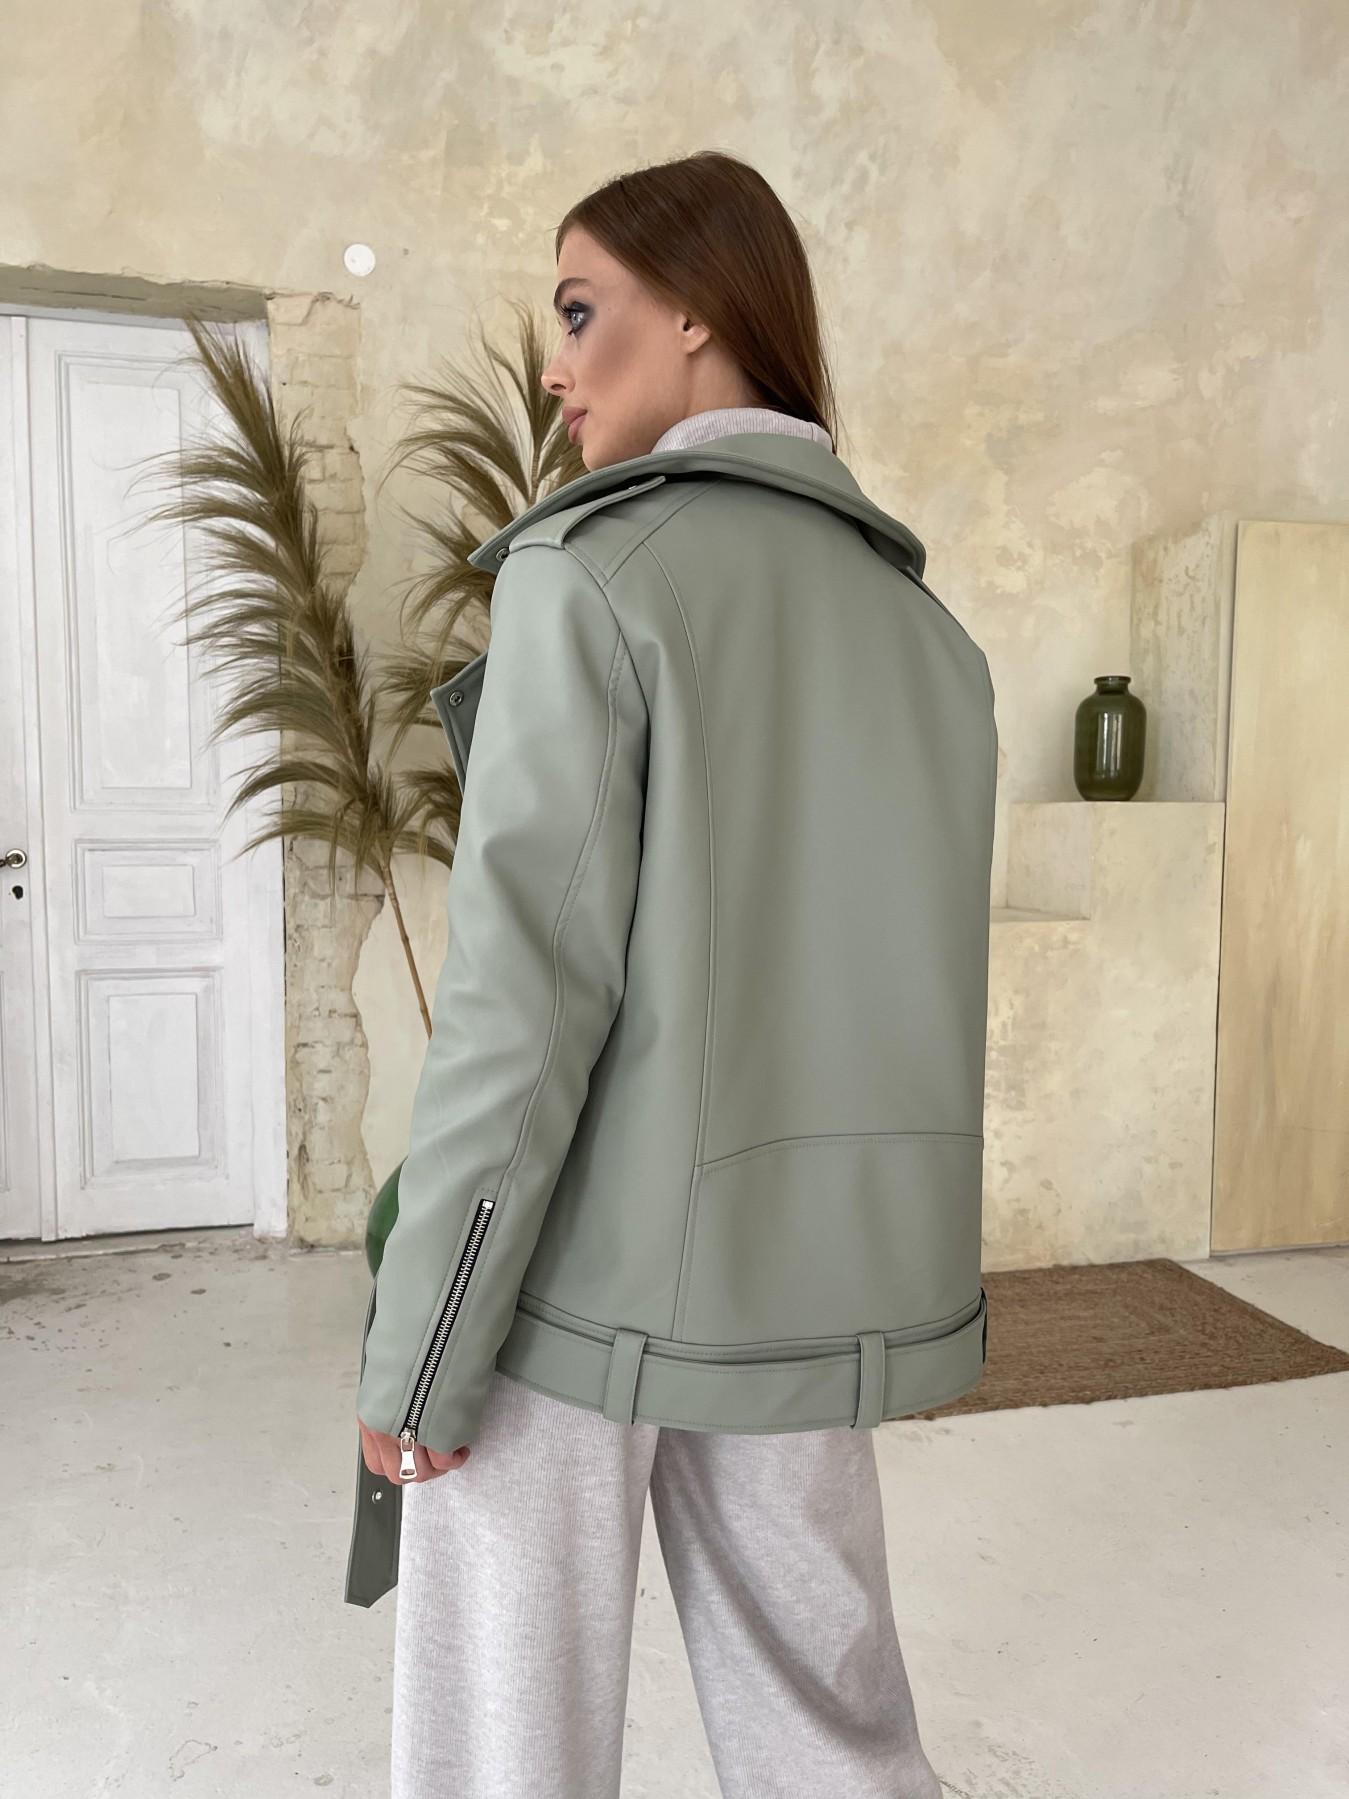 Босс Утепленная куртка из эко-кожи 11772 АРТ. 48578 Цвет: Олива - фото 5, интернет магазин tm-modus.ru